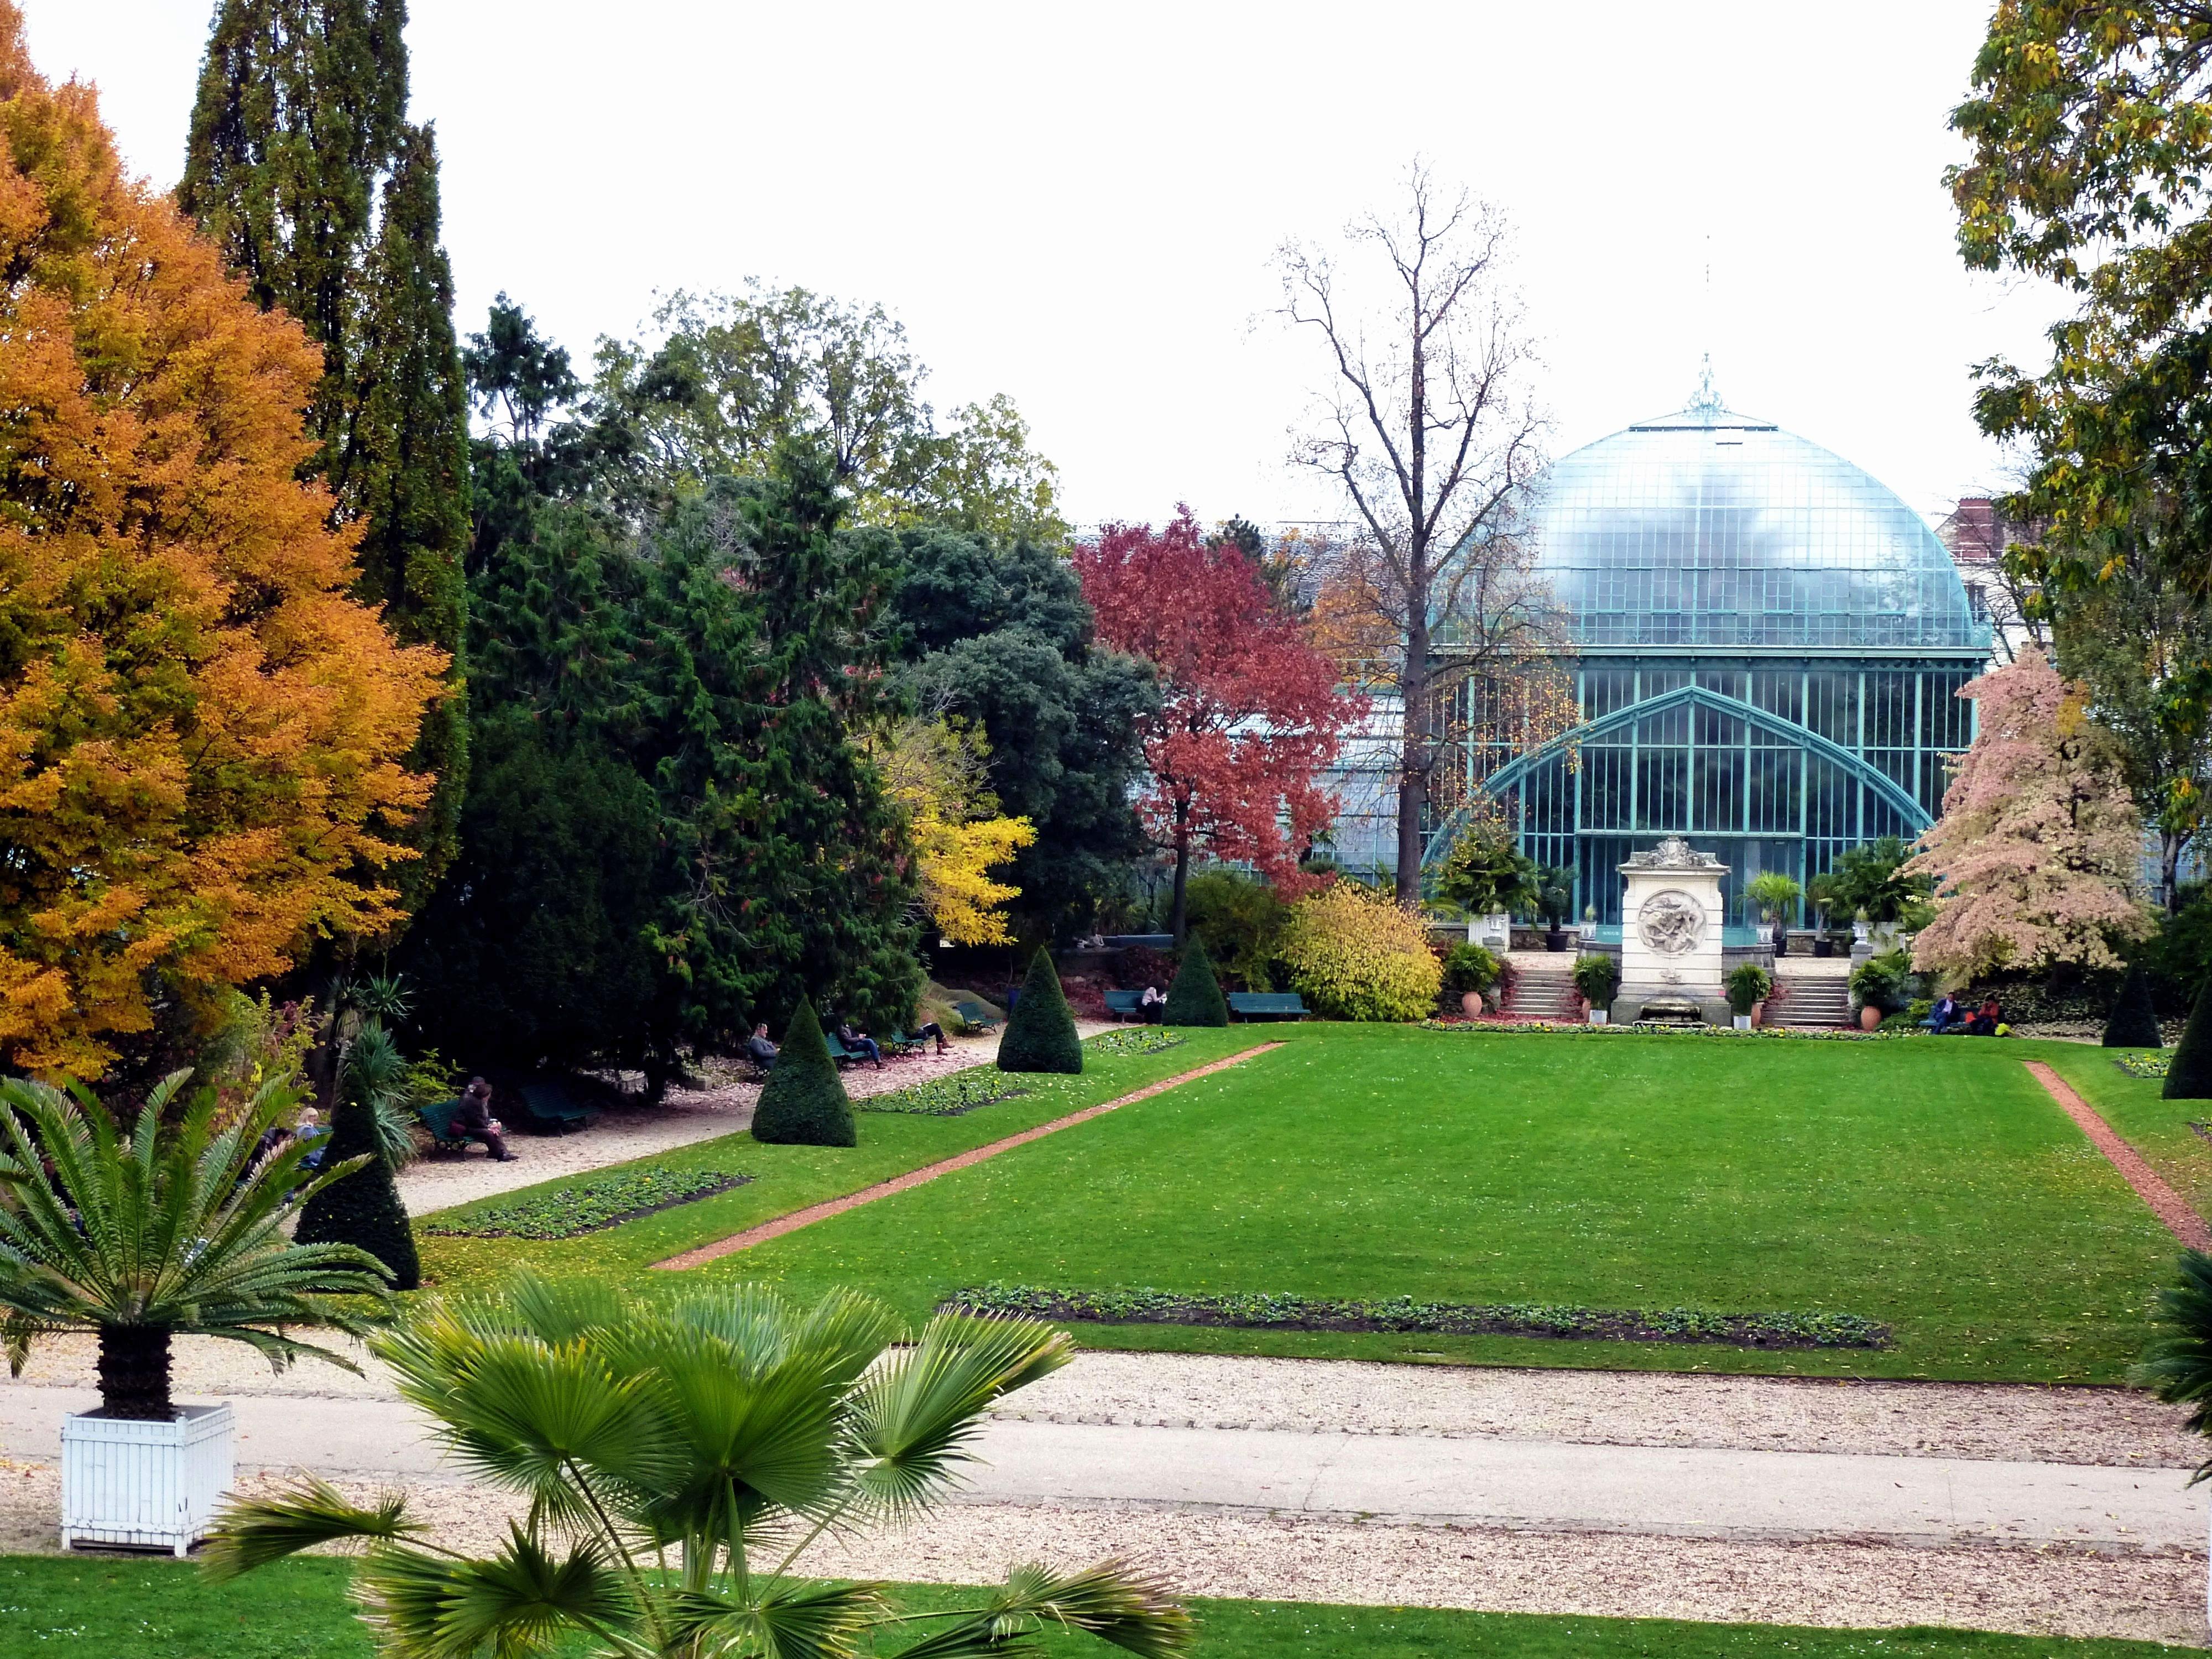 Serre De Gally Sartrouville Beau Images 12 Beau Serre De Jardin Occasion Galerie De Cuisine Jardin